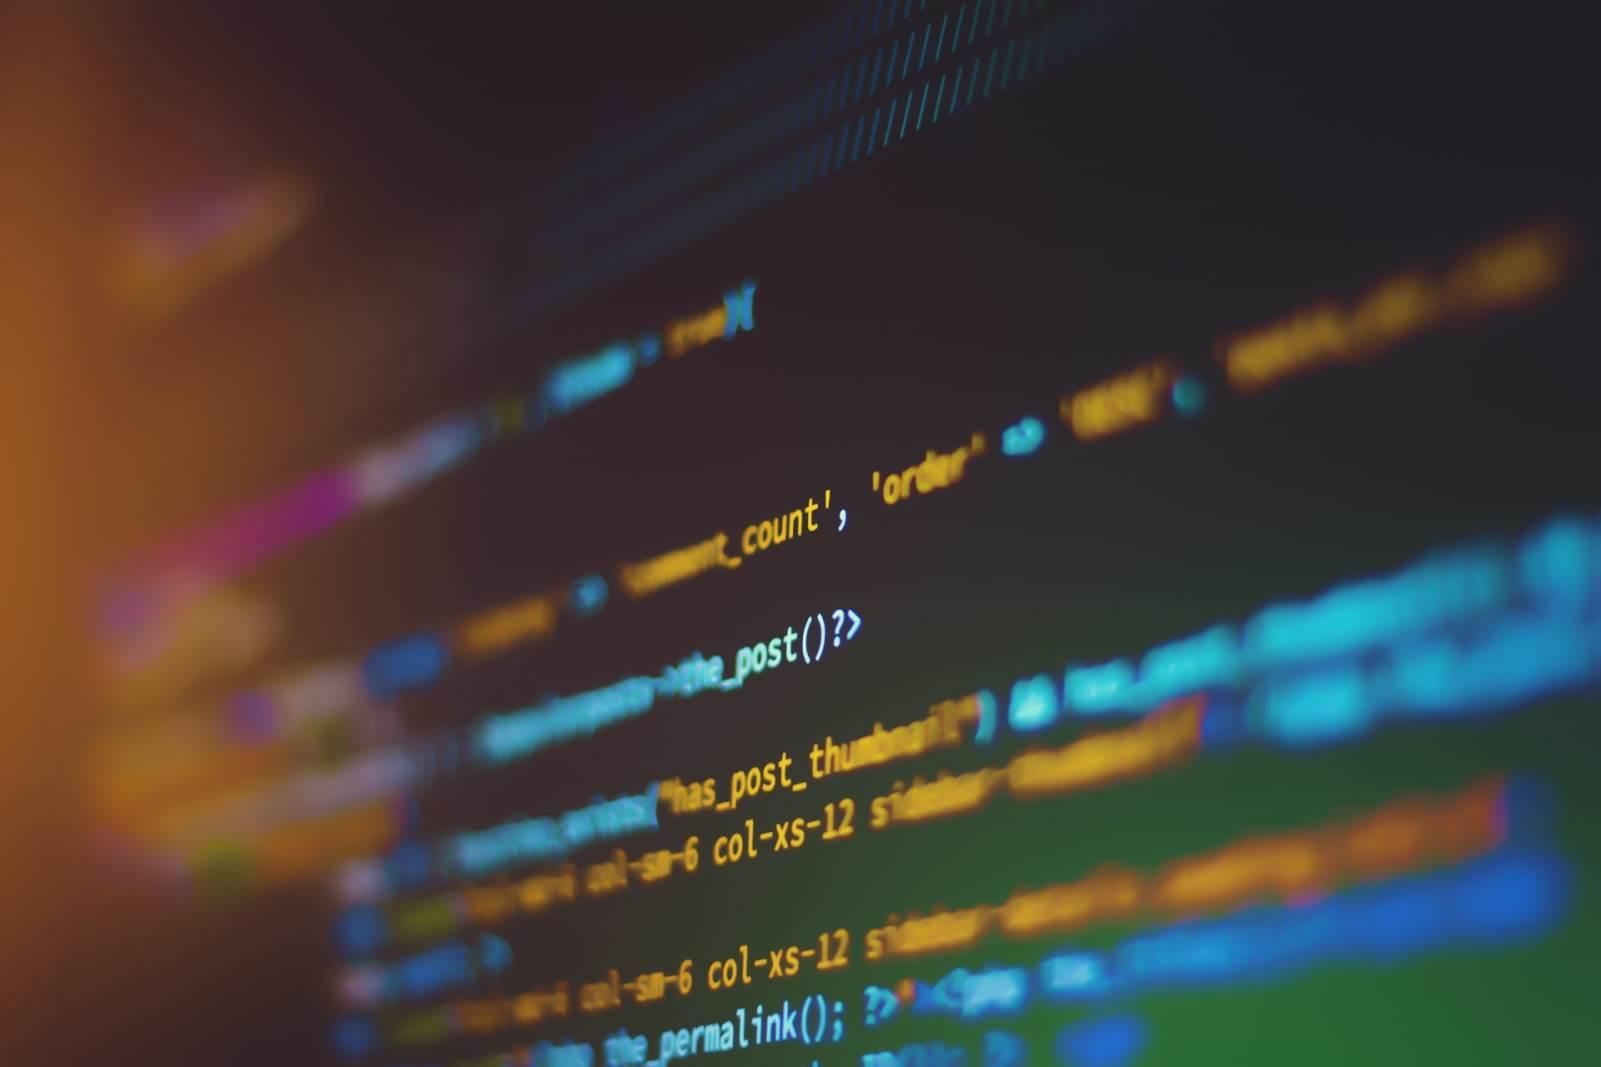 Linije koda na ekranu